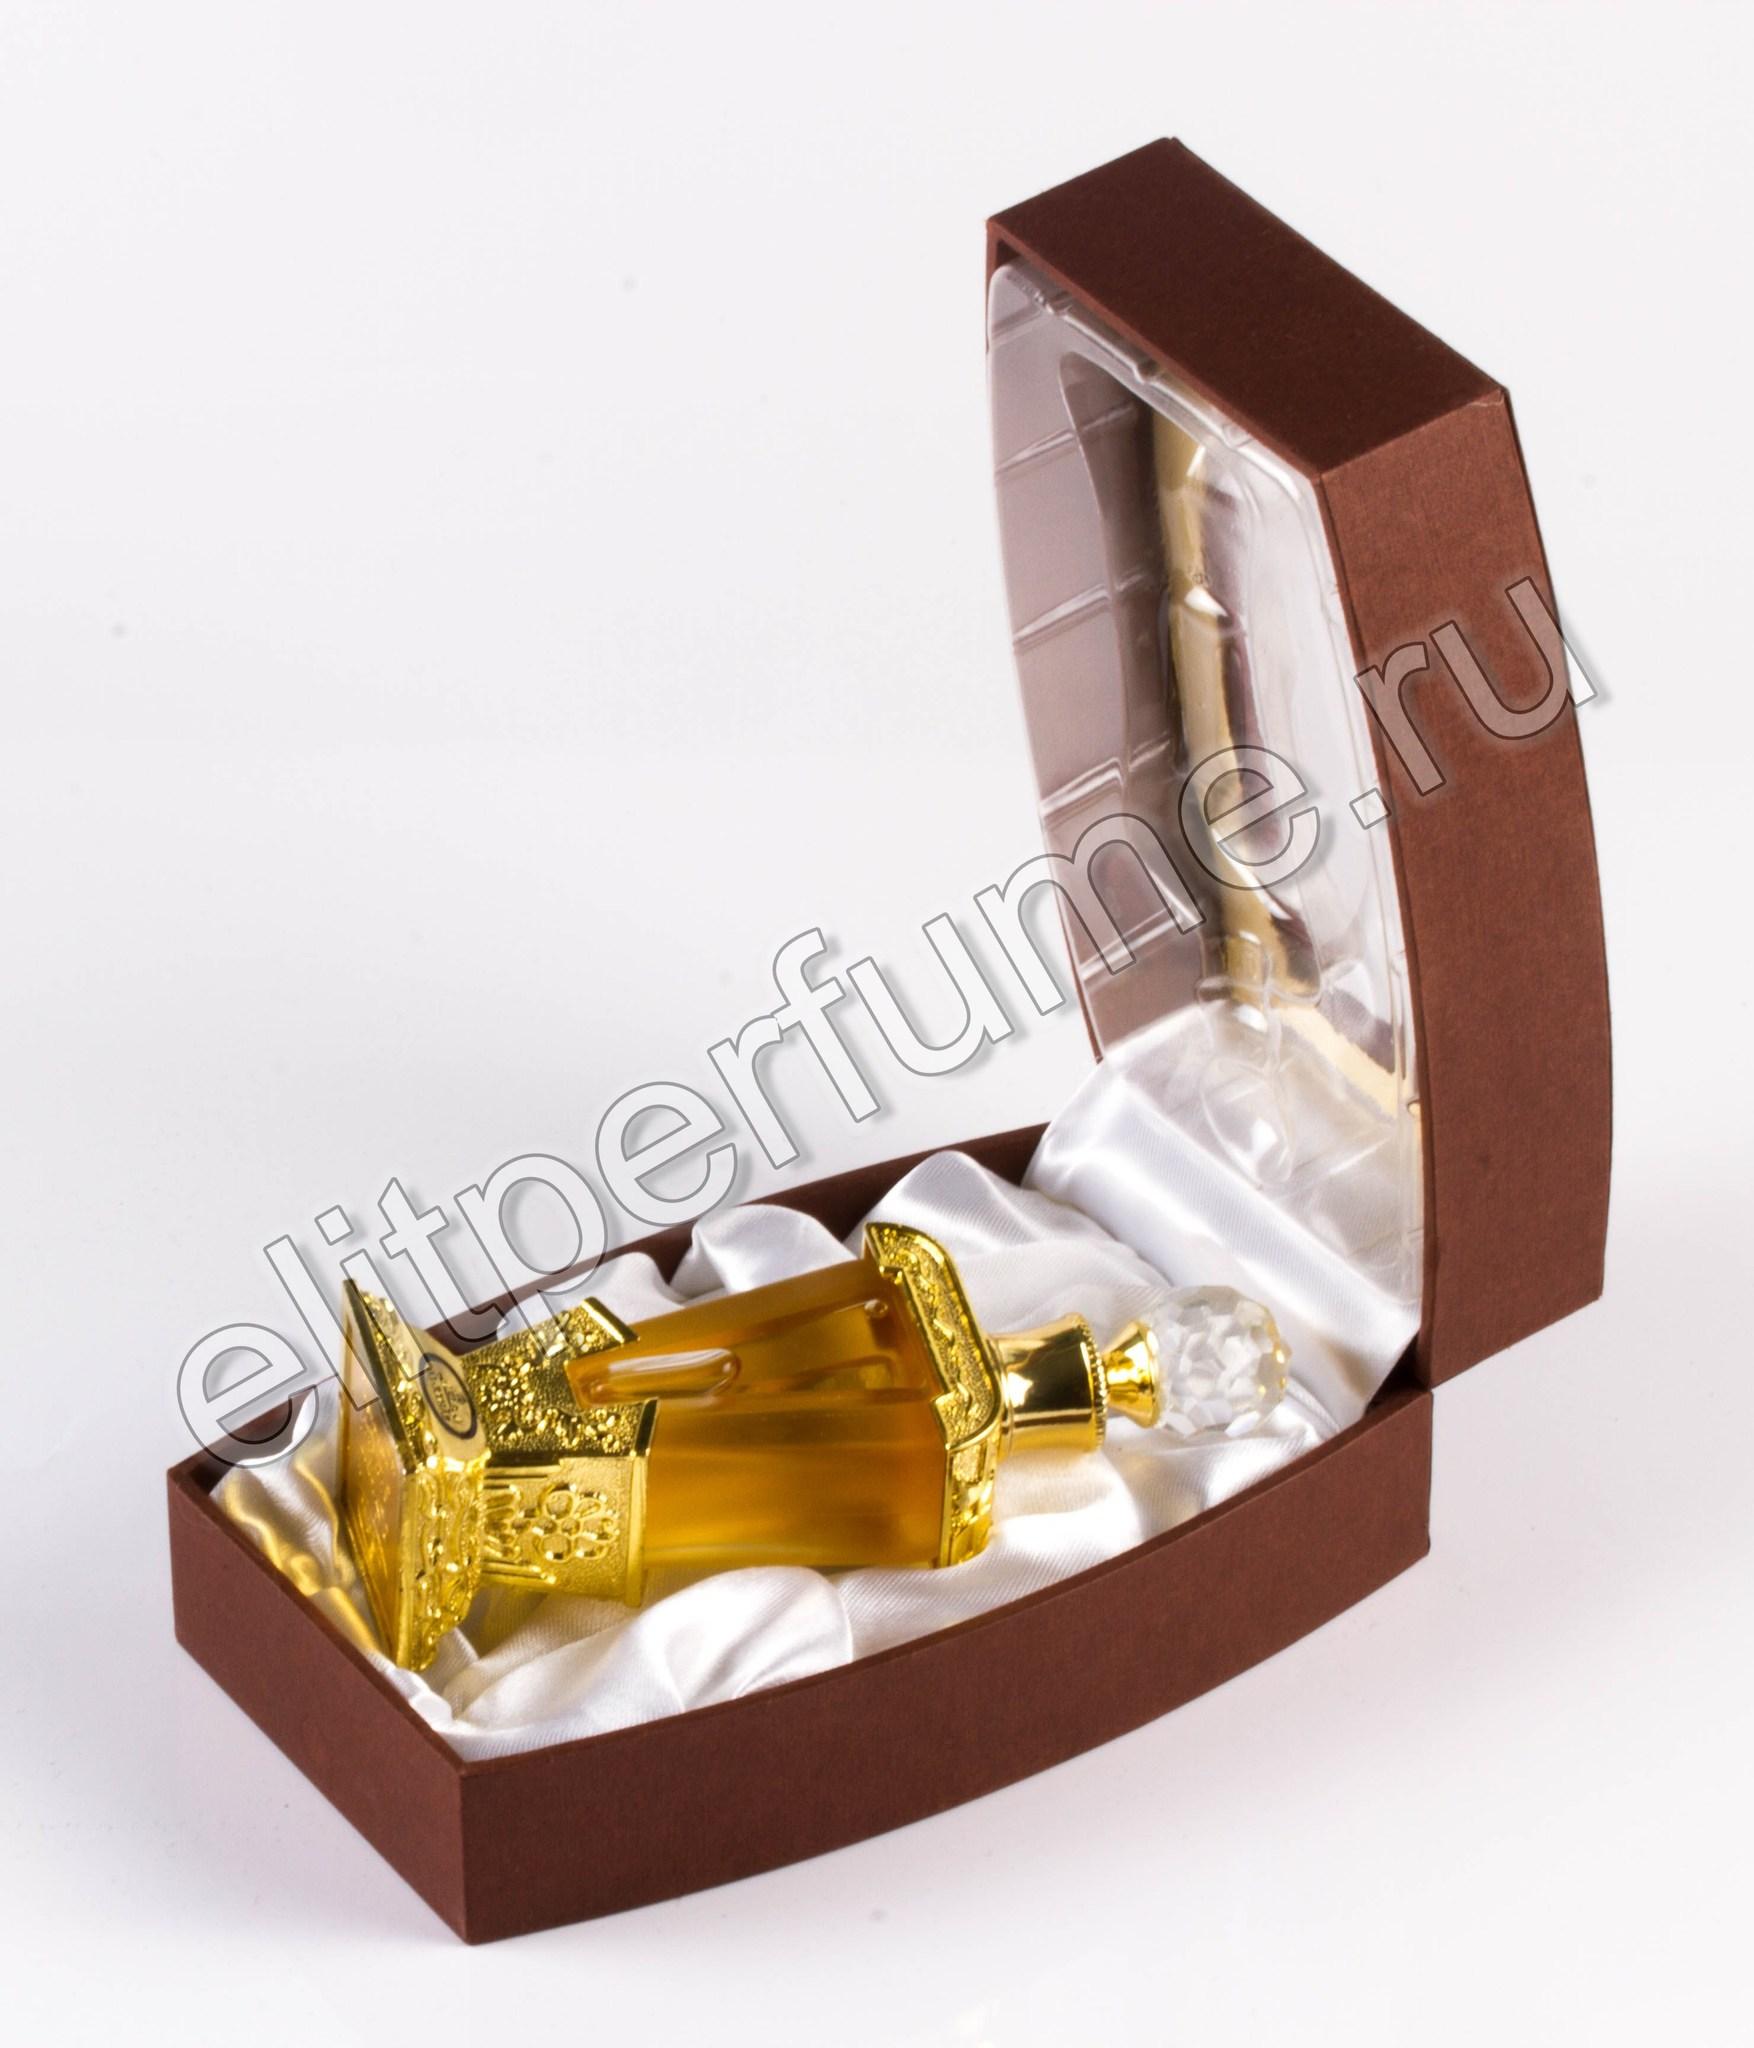 Shaikhah Шайках 20 мл арабские масляные духи от Аль Рехаб Al Rehab